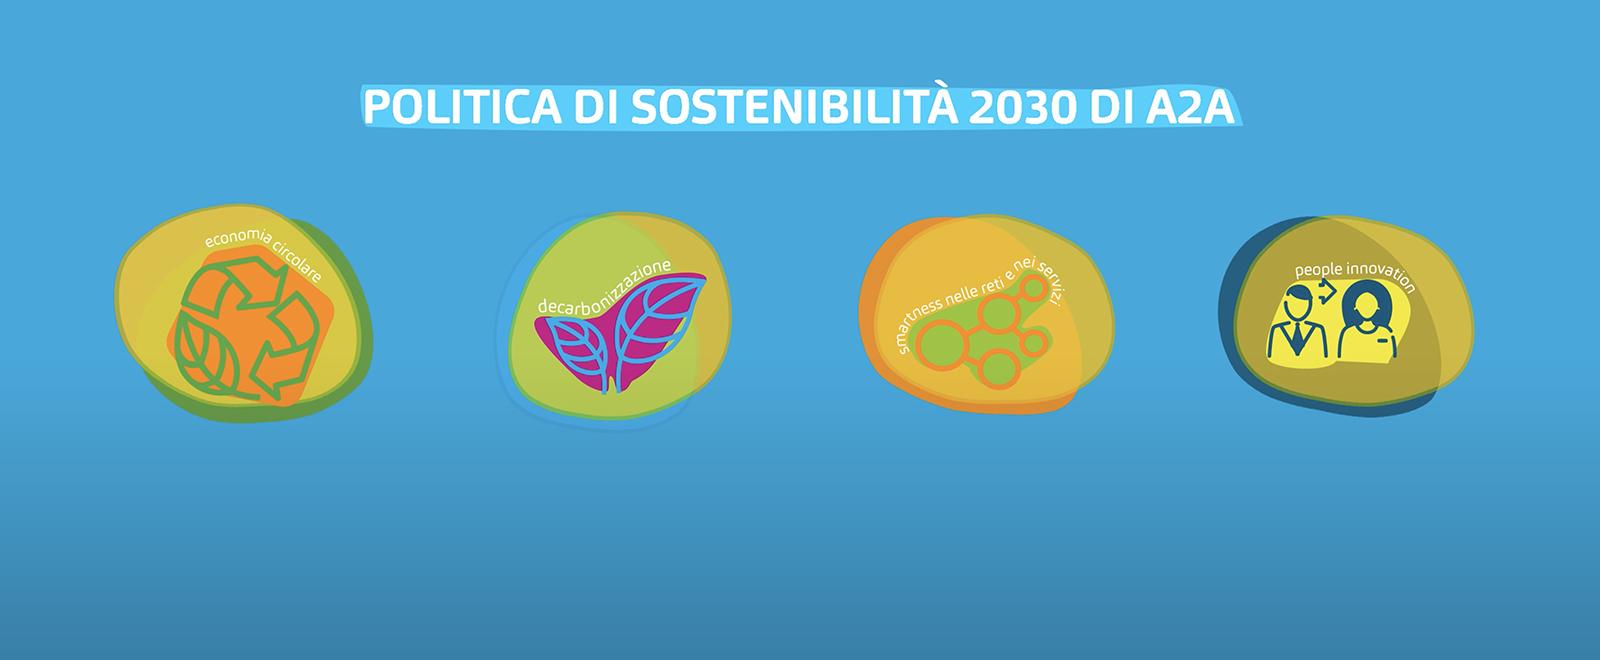 La Politica di Sostenibilità al 2030 di A2A